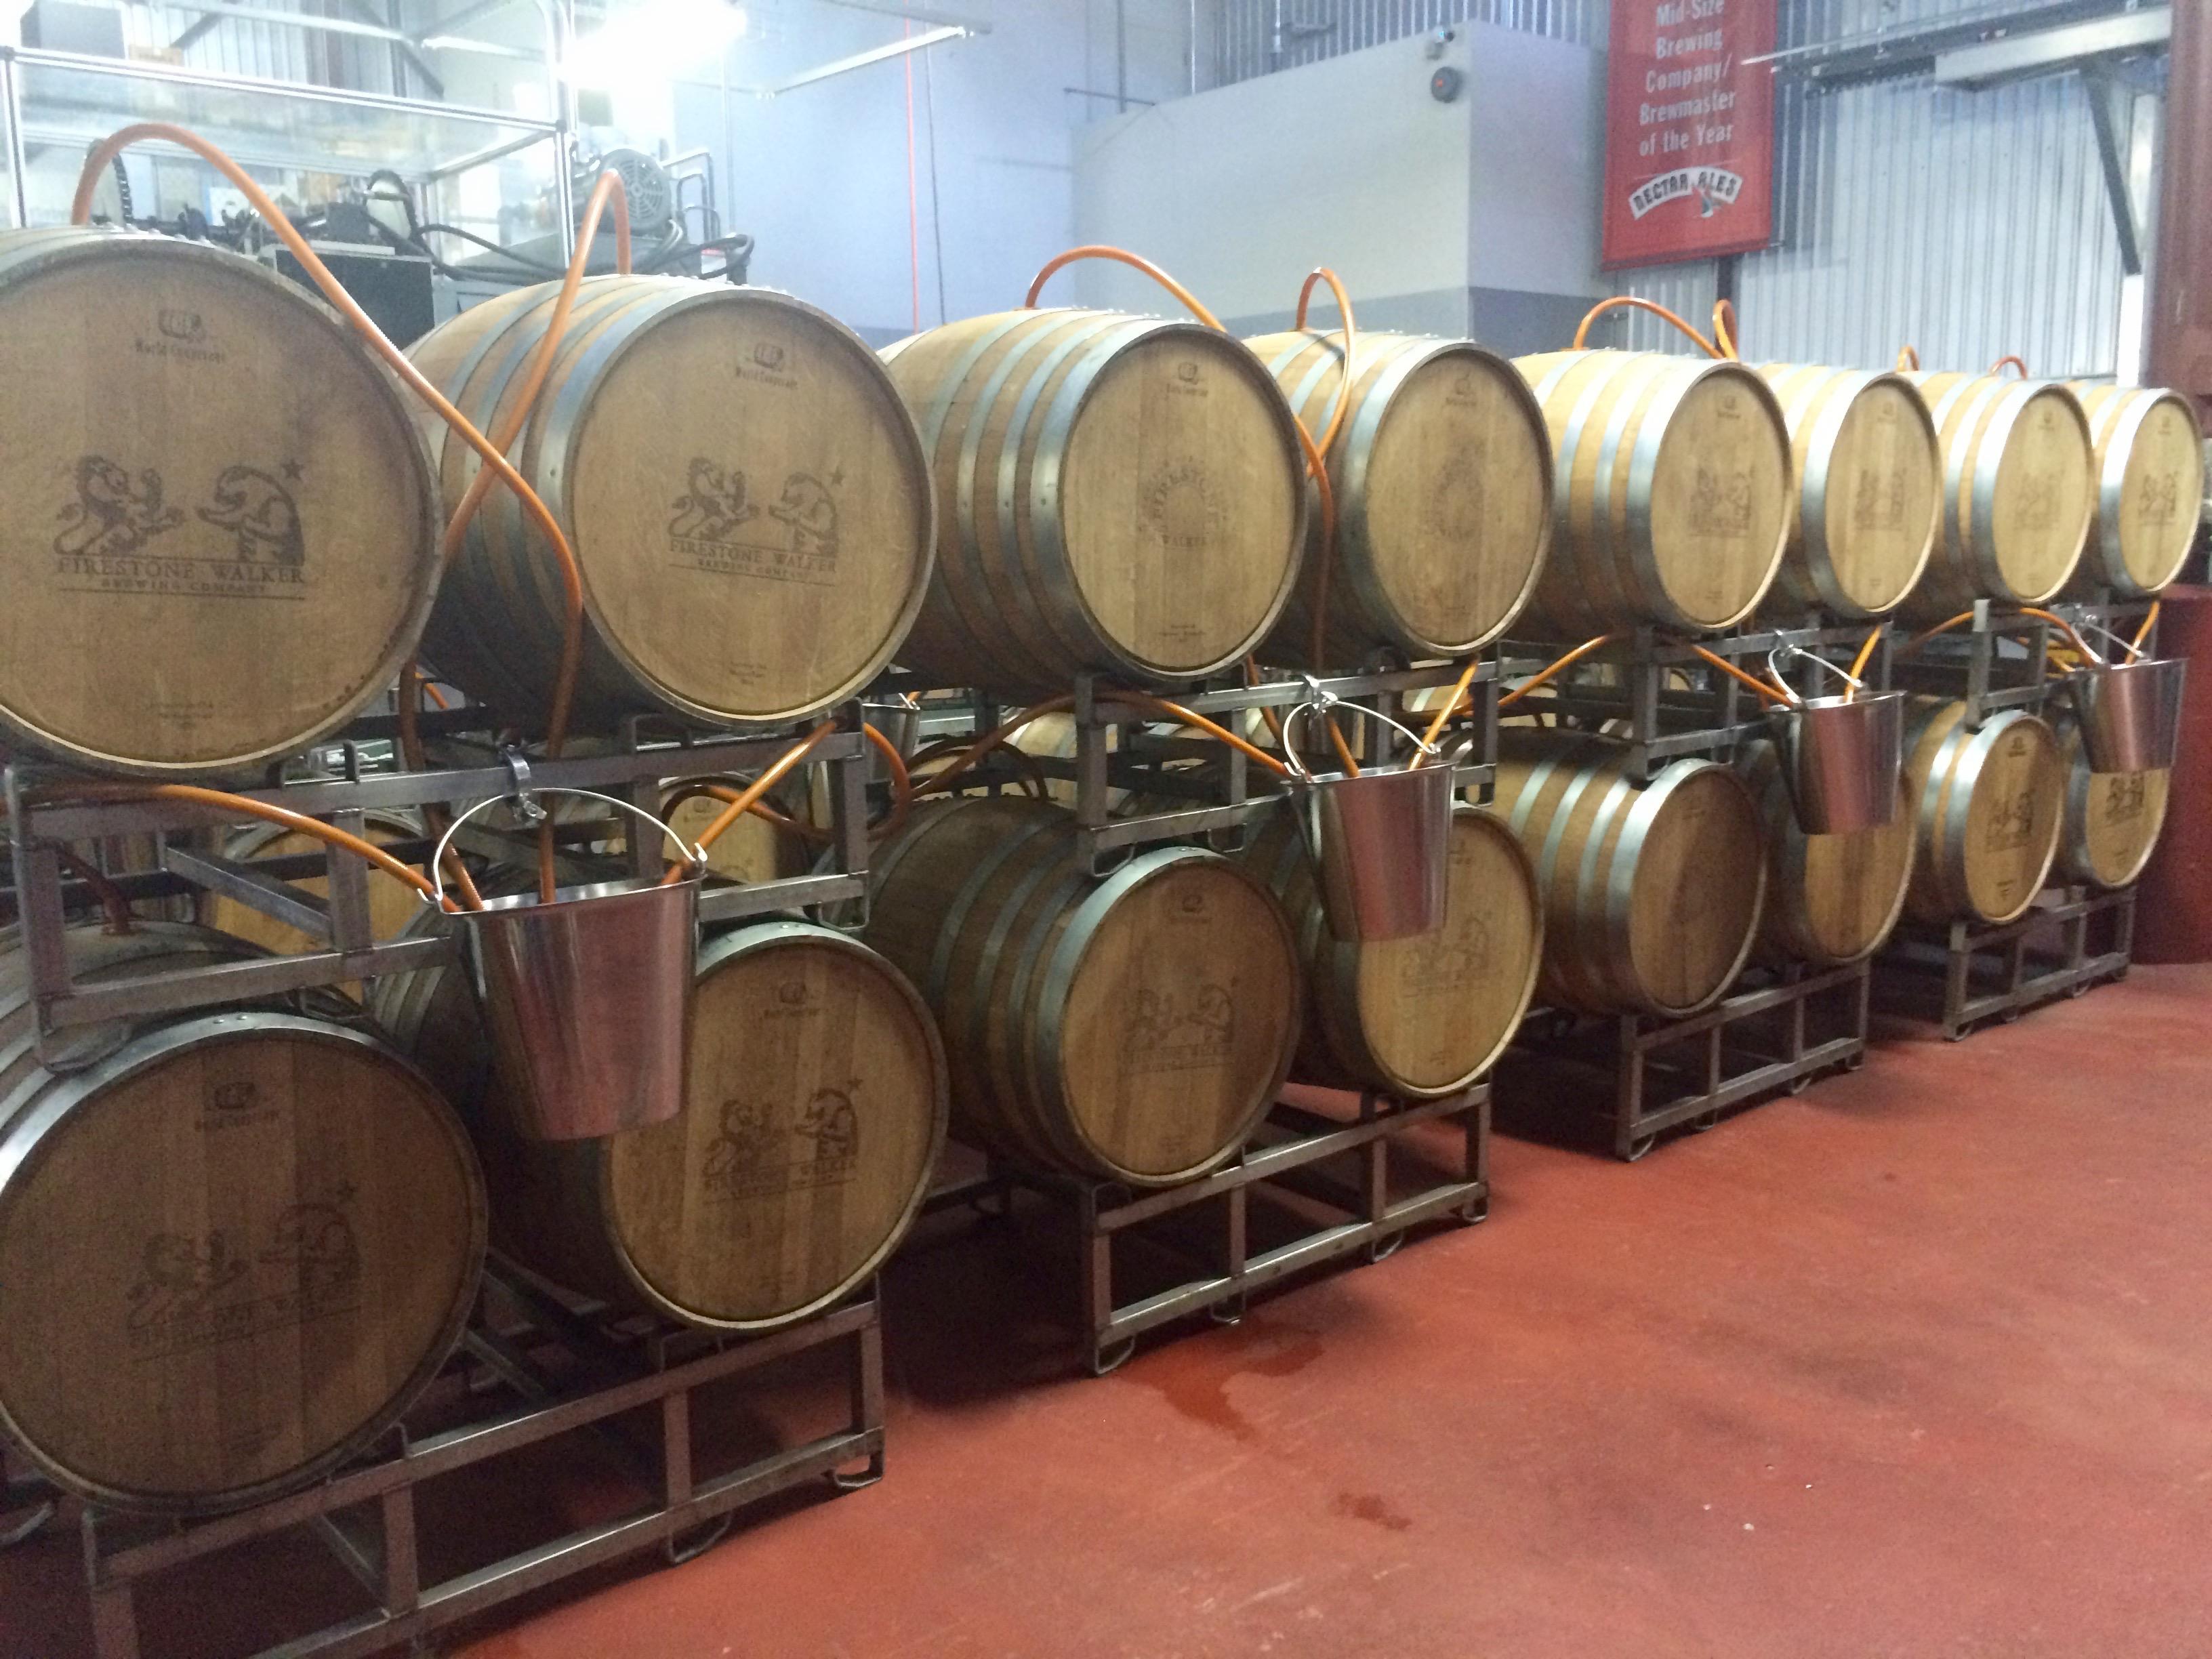 Barrels used for brewing Firestone Walker Double Barrel Ale (DBA).